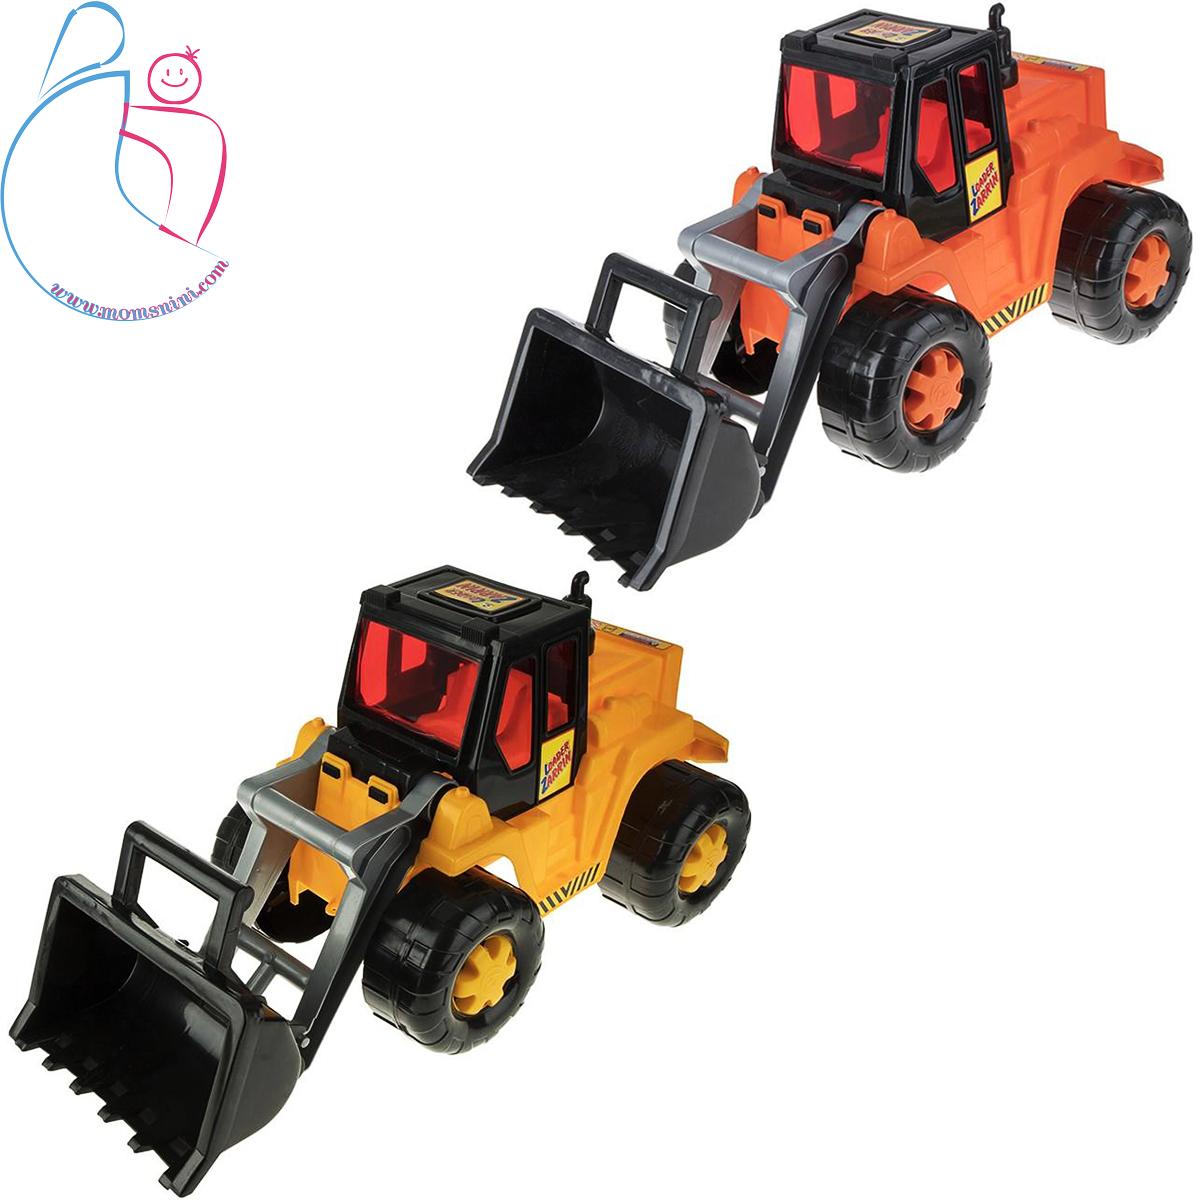 ماشین بازی زرین تویز مدل Loader C1